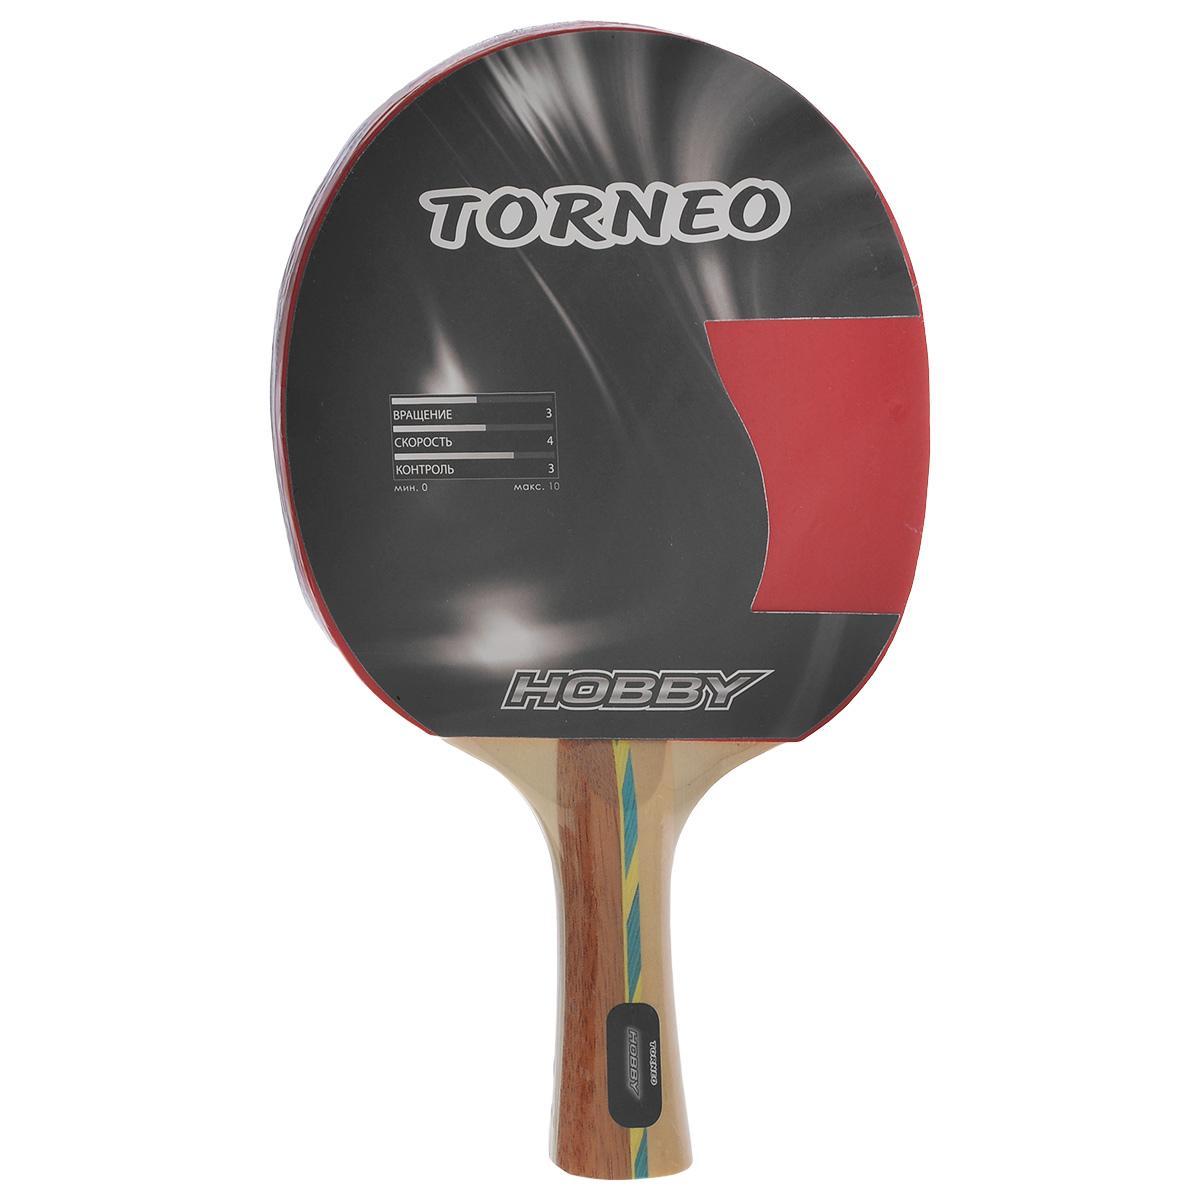 """Ракетка для настольного тенниса Torneo """"Hobby"""""""